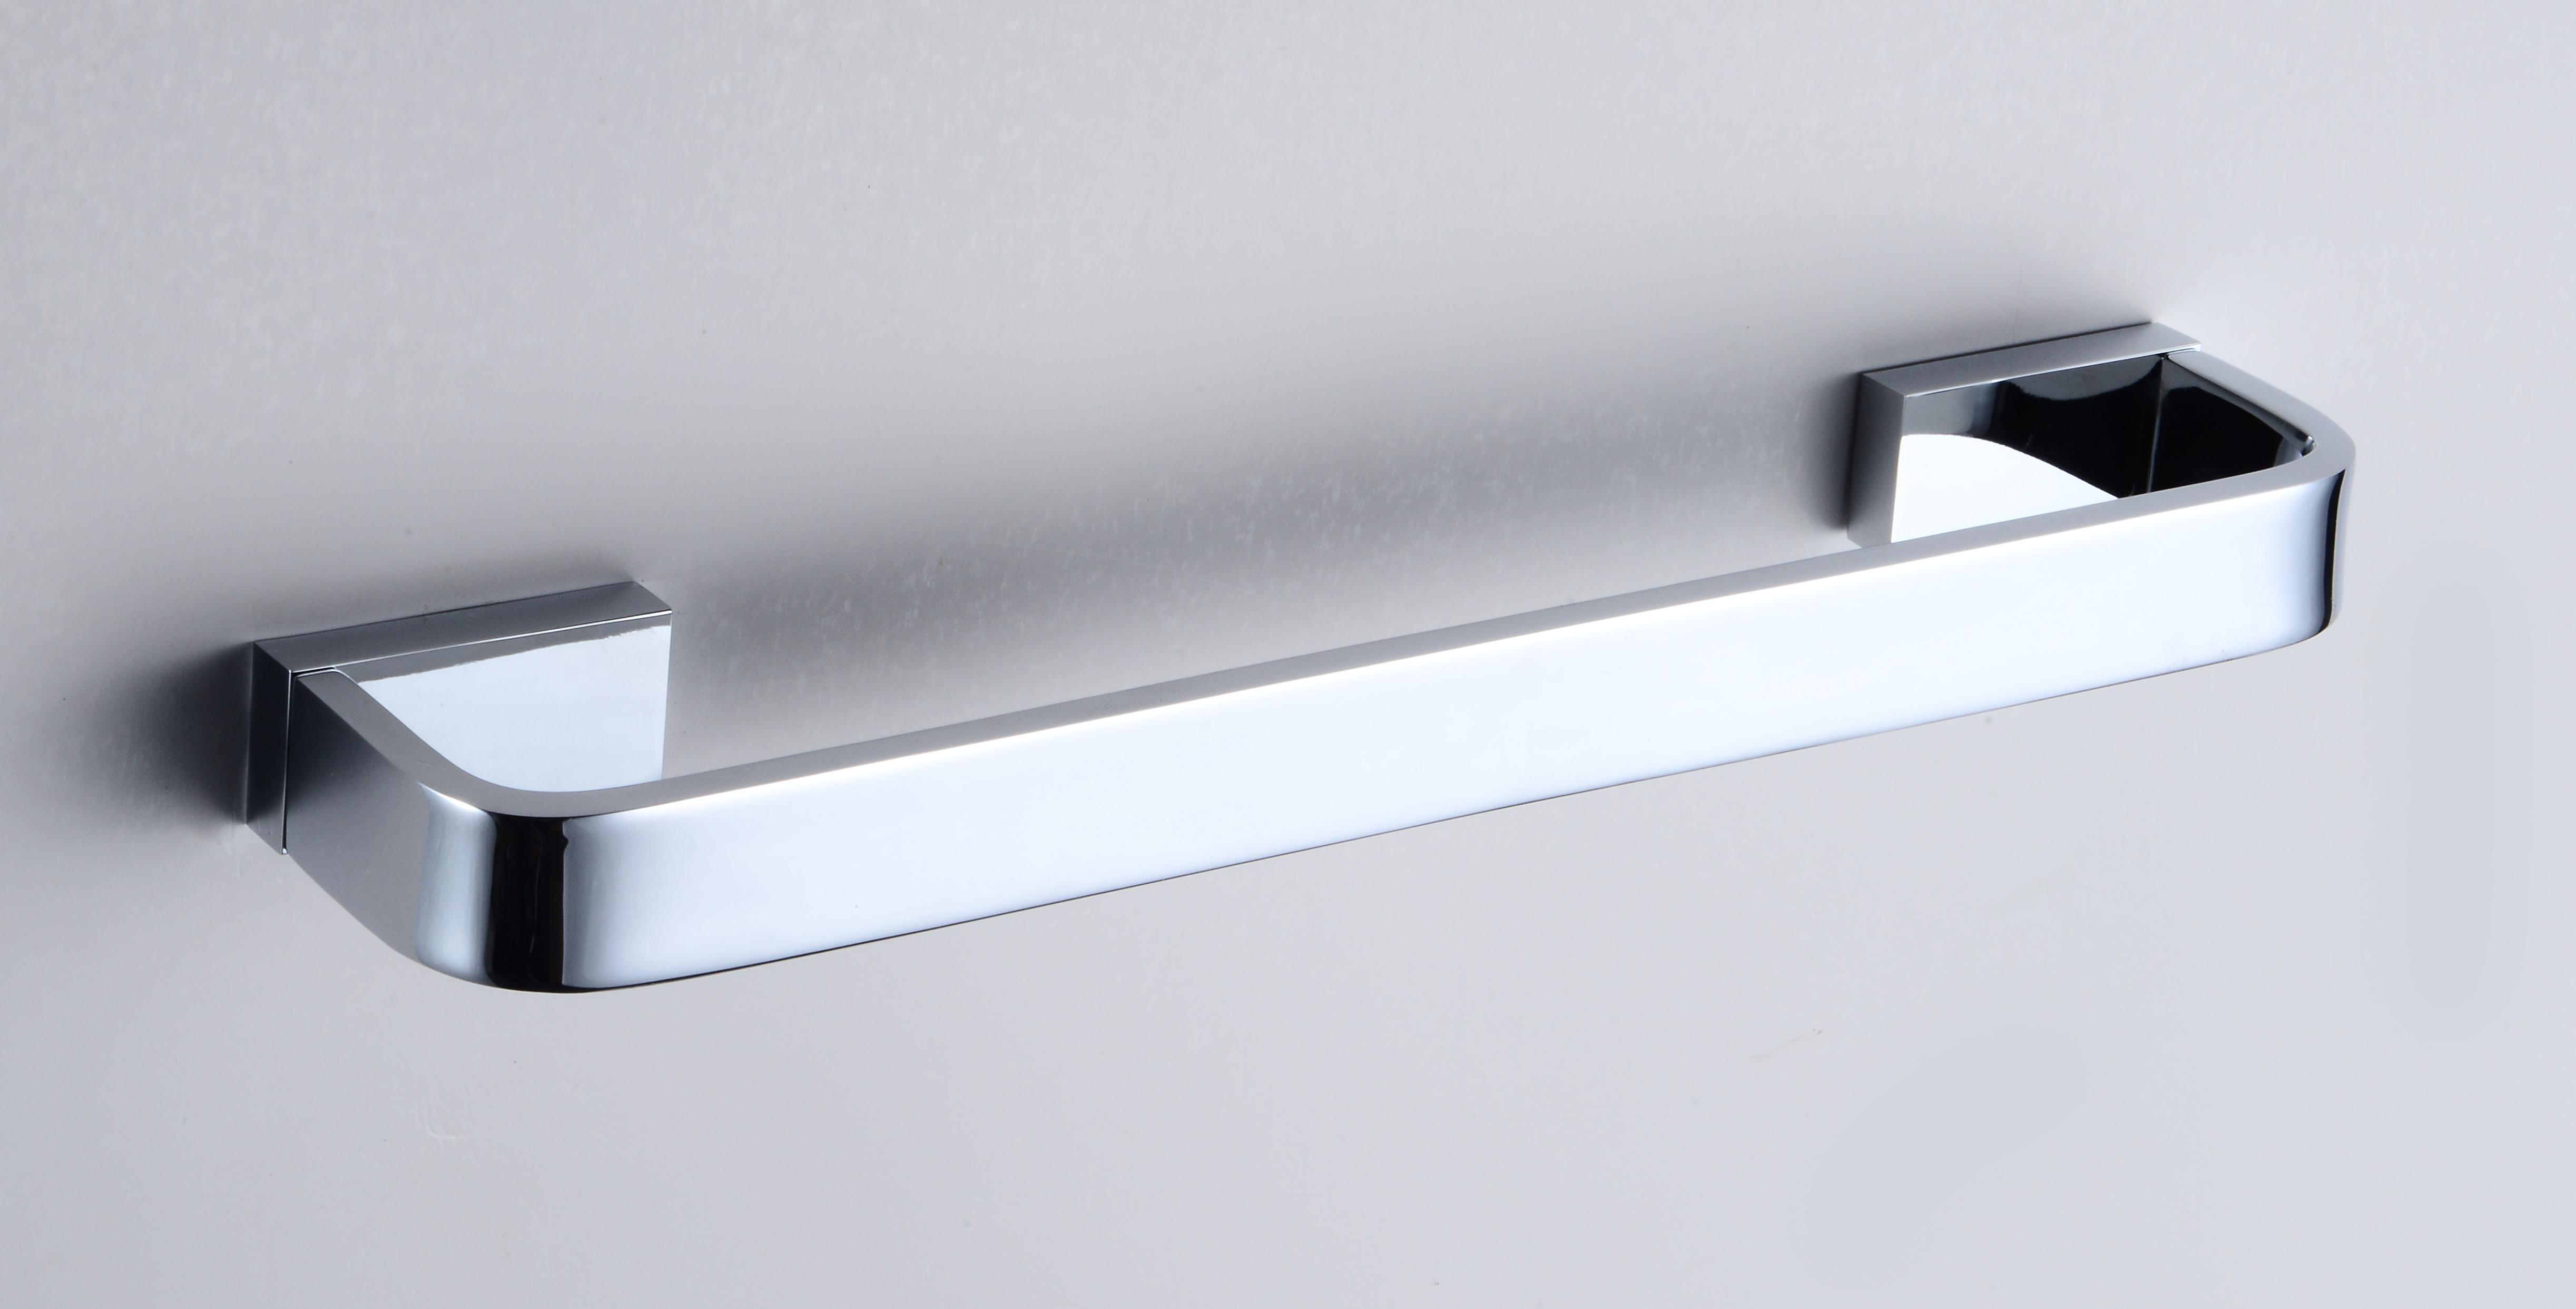 nero badshop loft design bad accessoires eckig 30cm wand. Black Bedroom Furniture Sets. Home Design Ideas